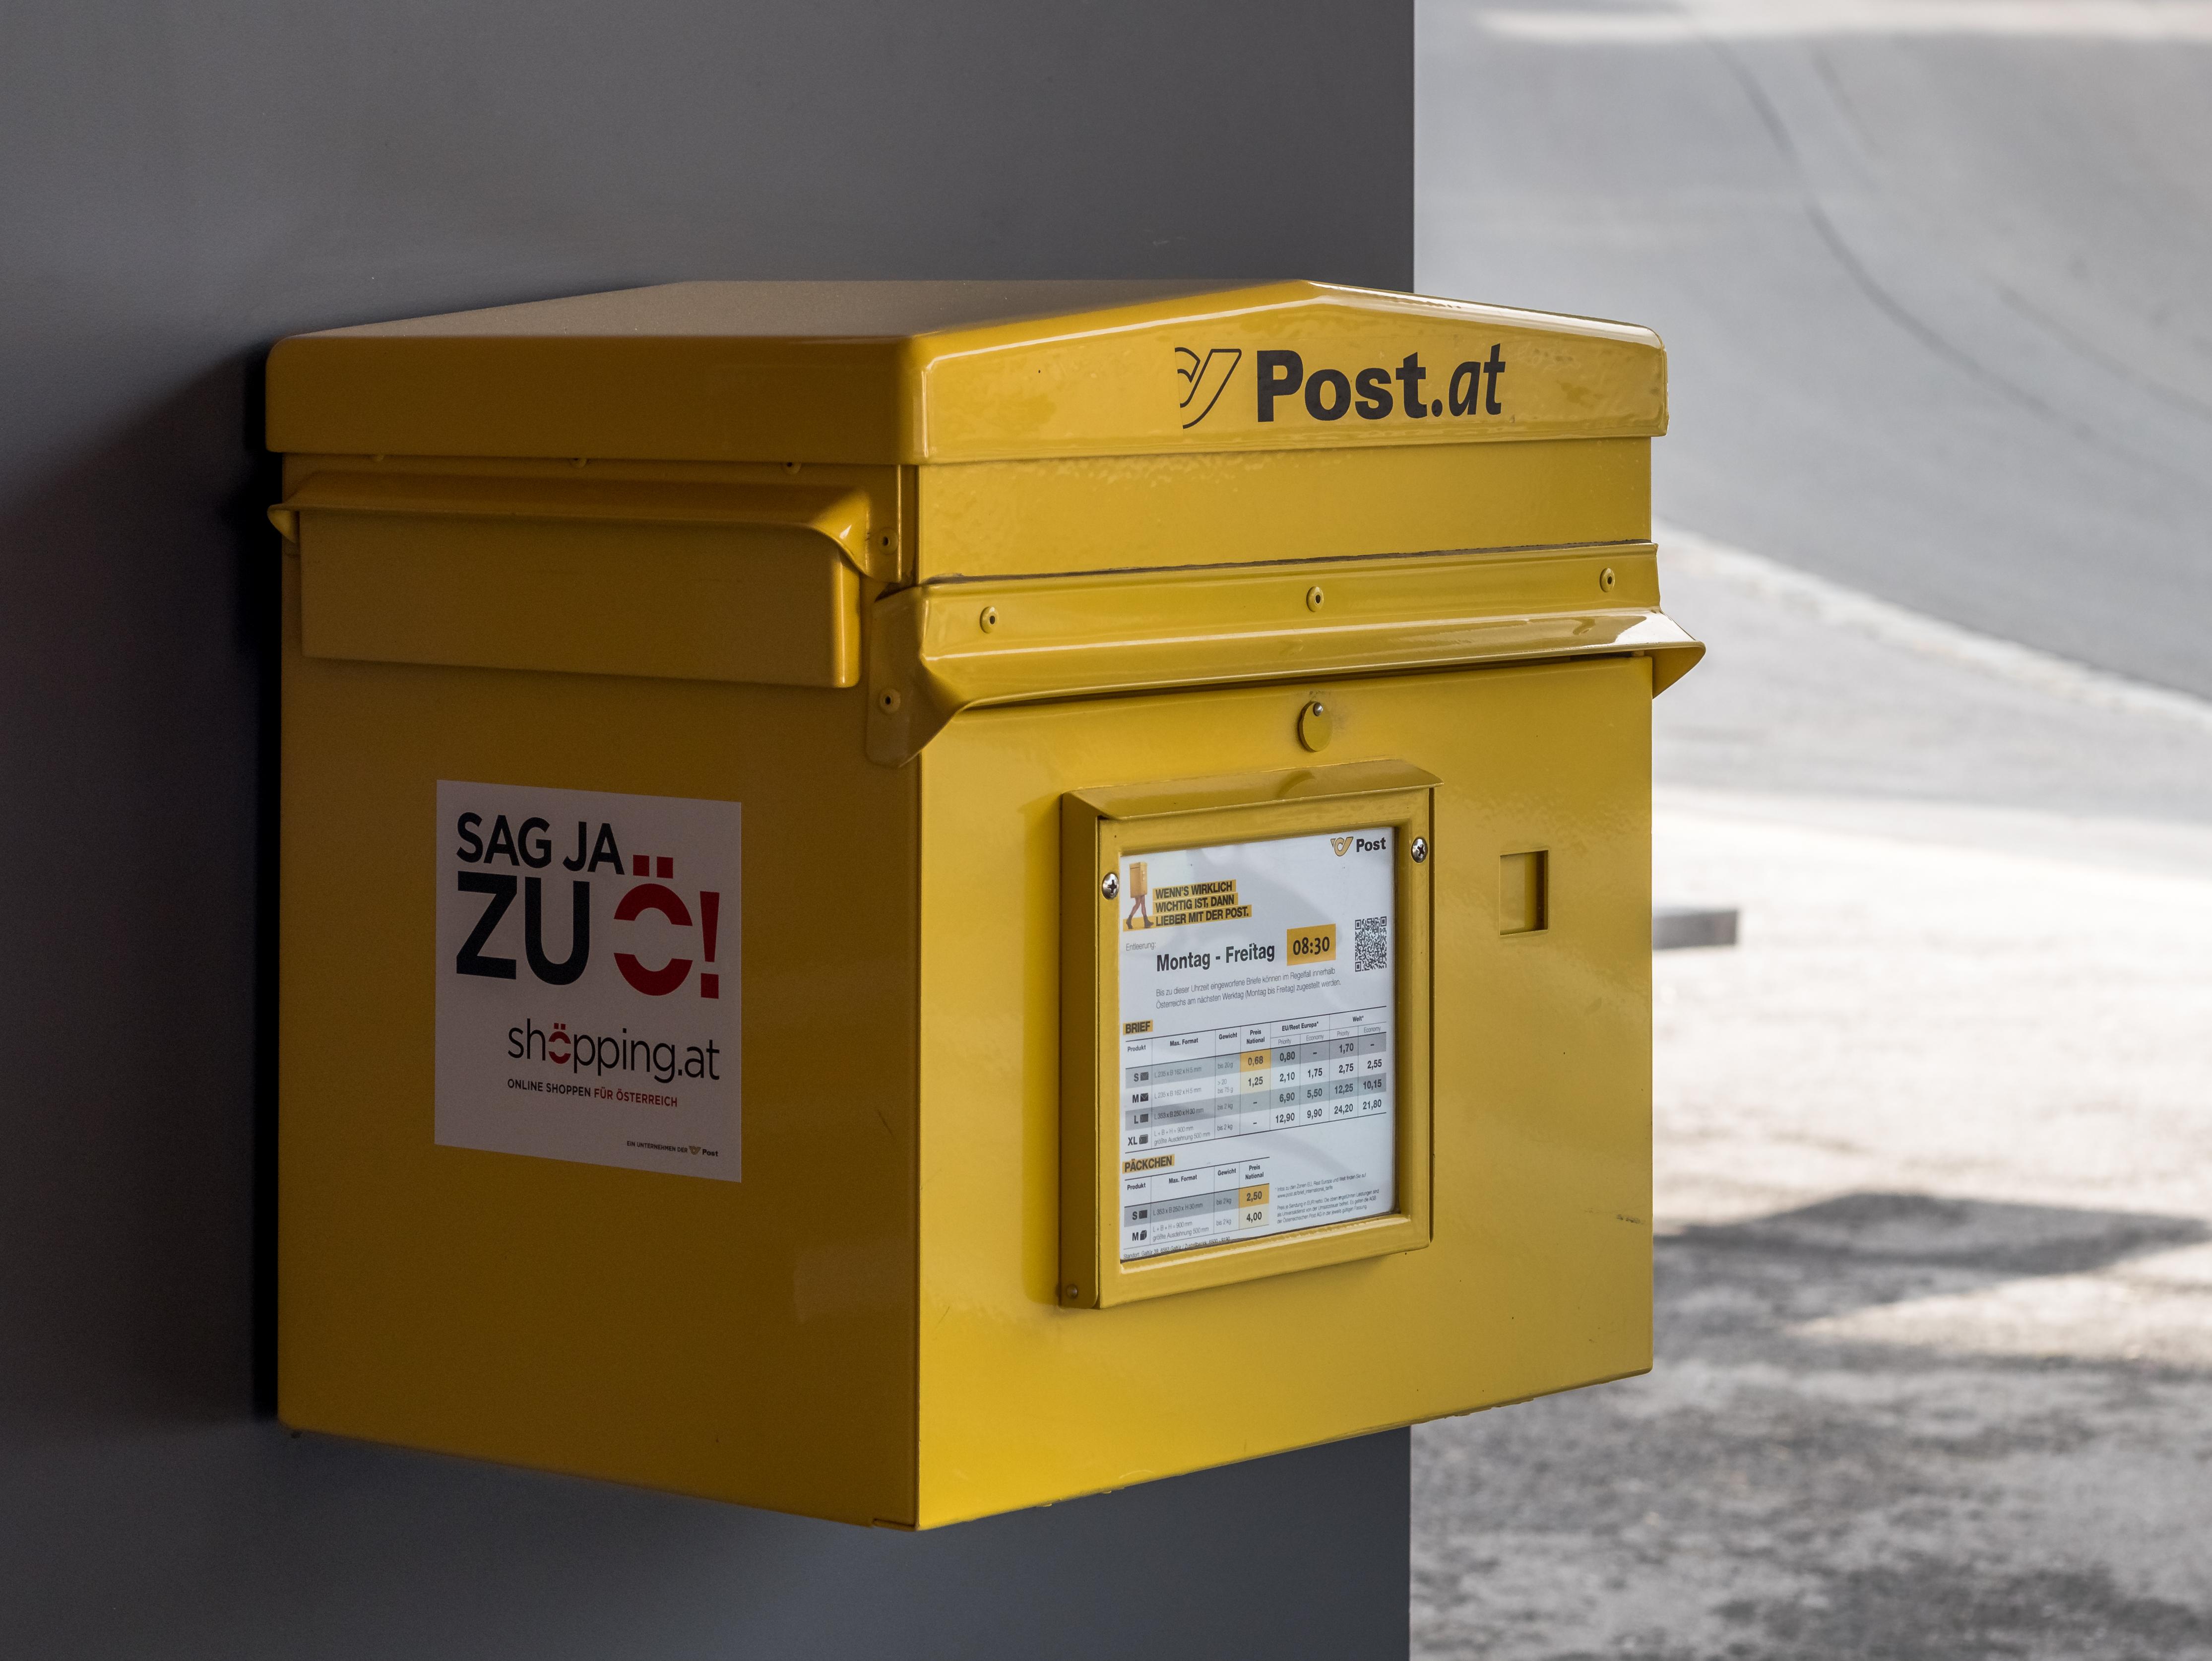 Ügyfelei politikai hovatartozásáról árult adatokat az Osztrák Posta